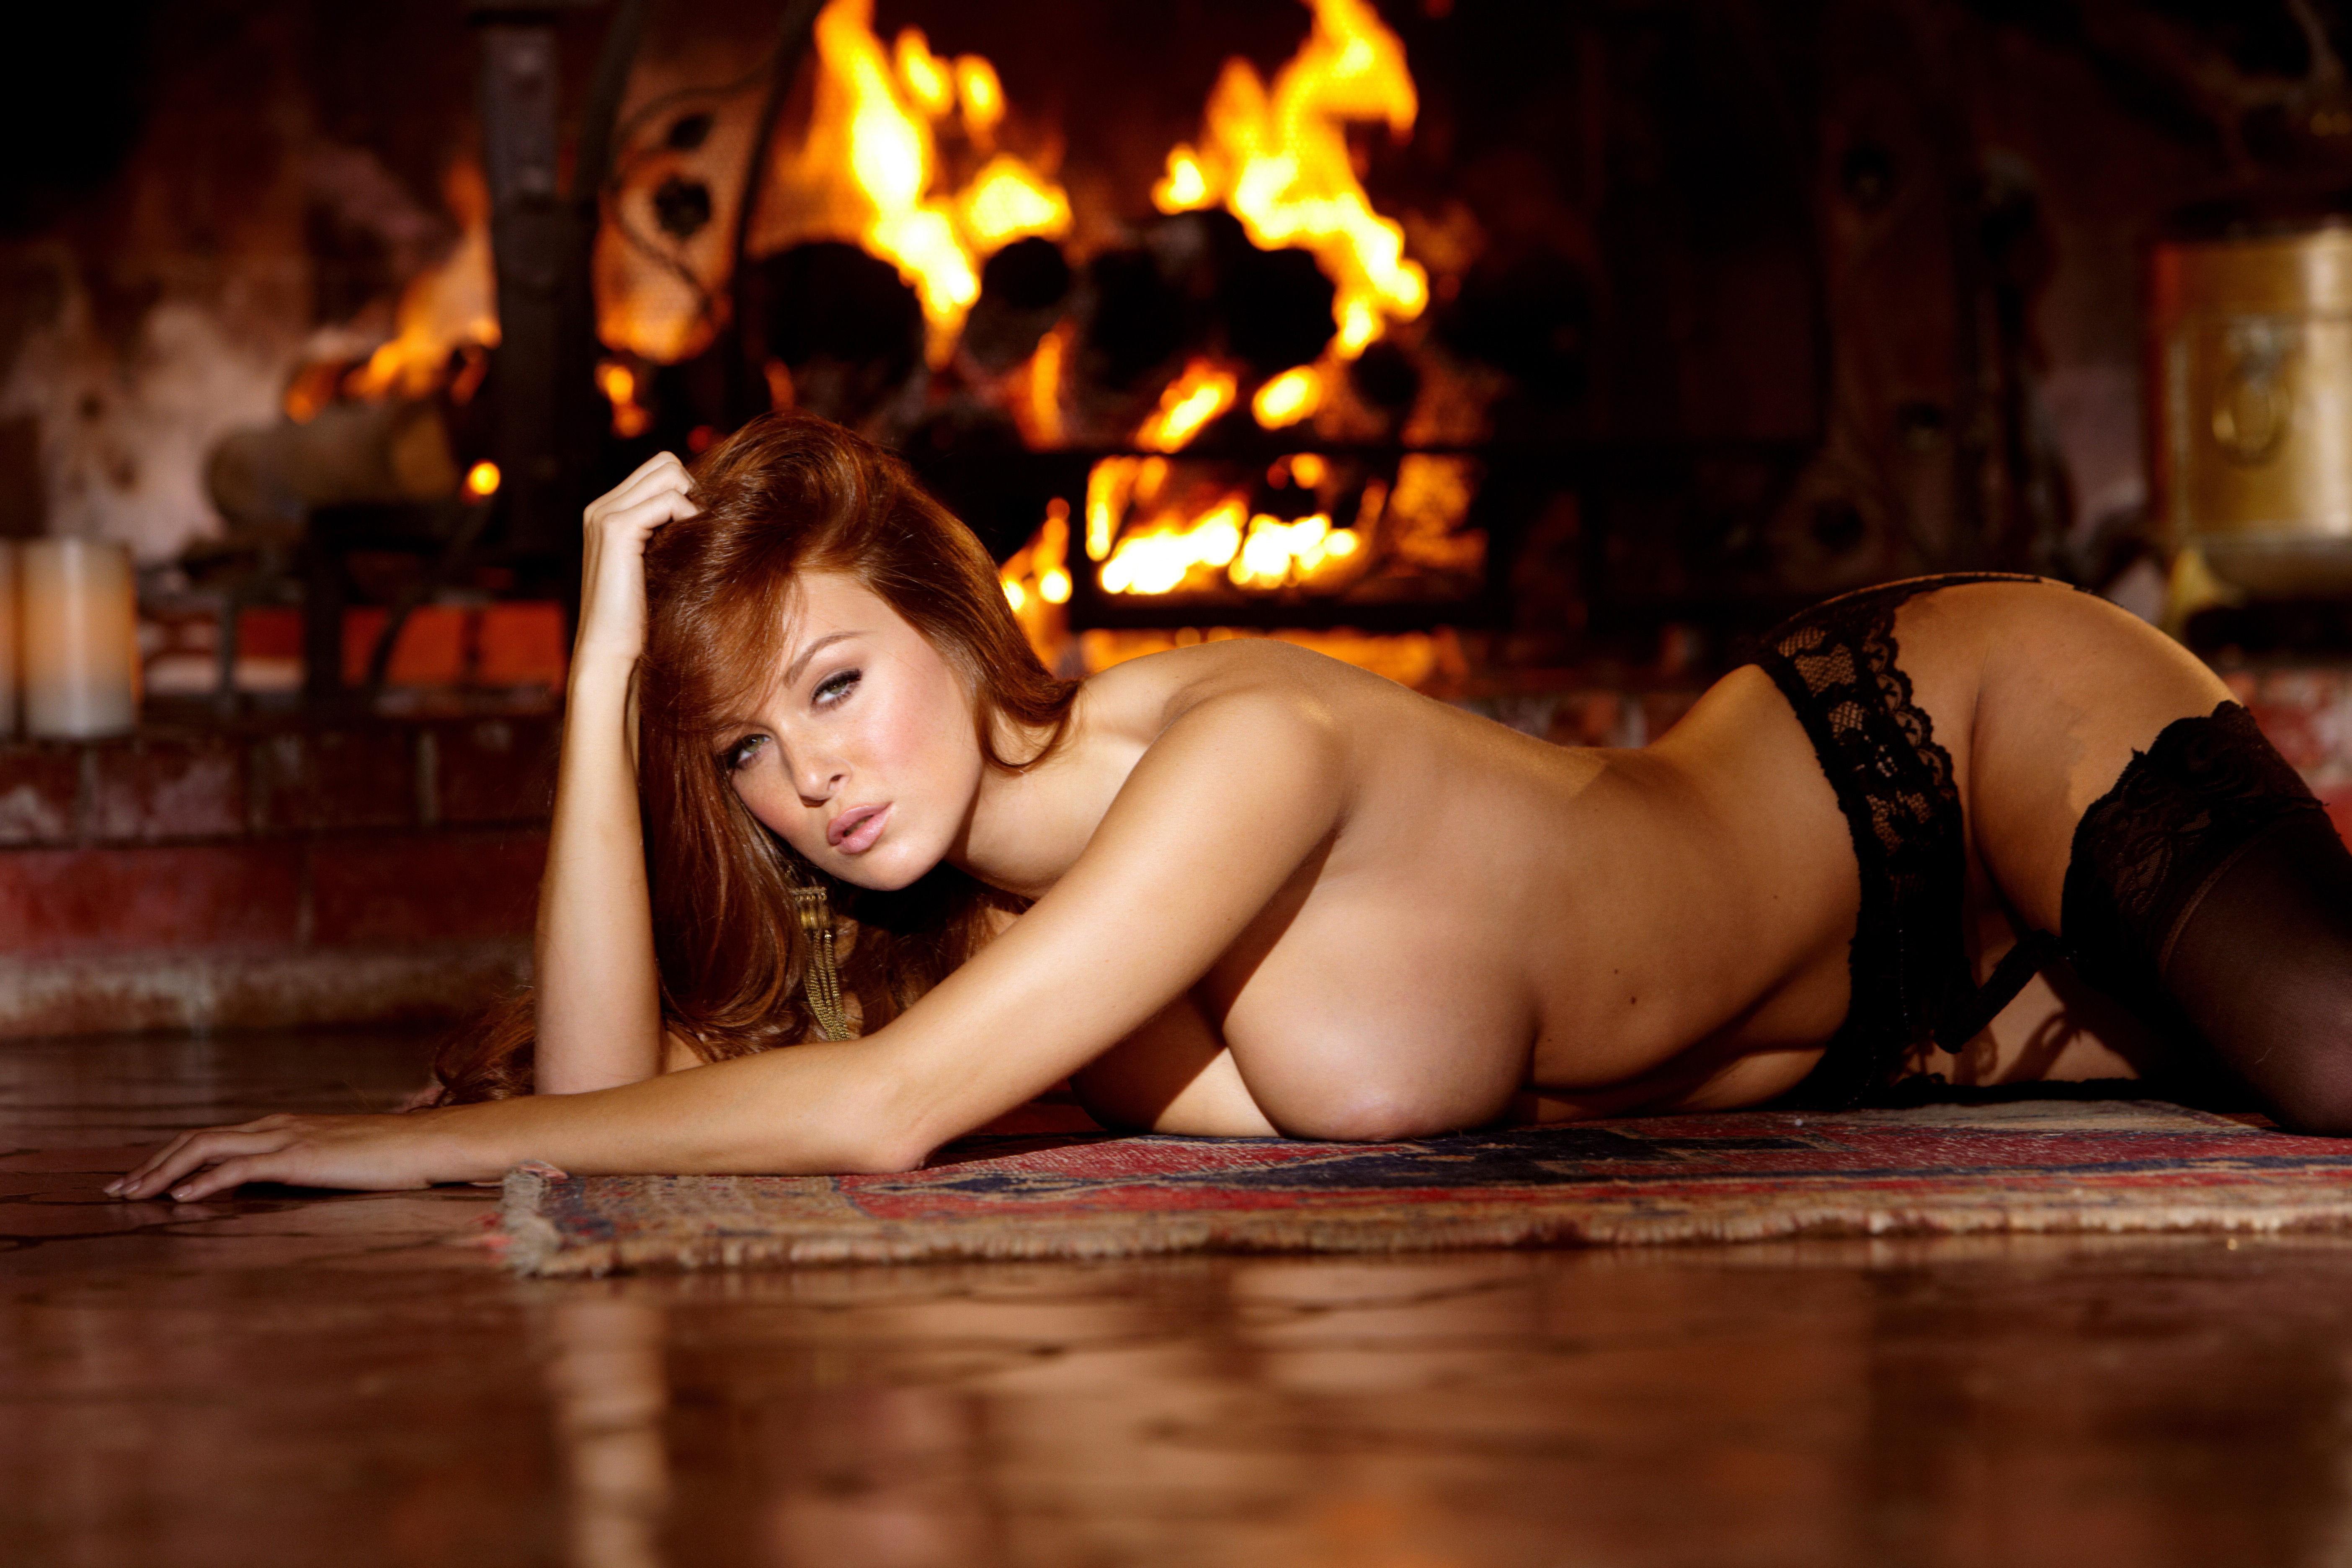 Pics fireplace nude porn